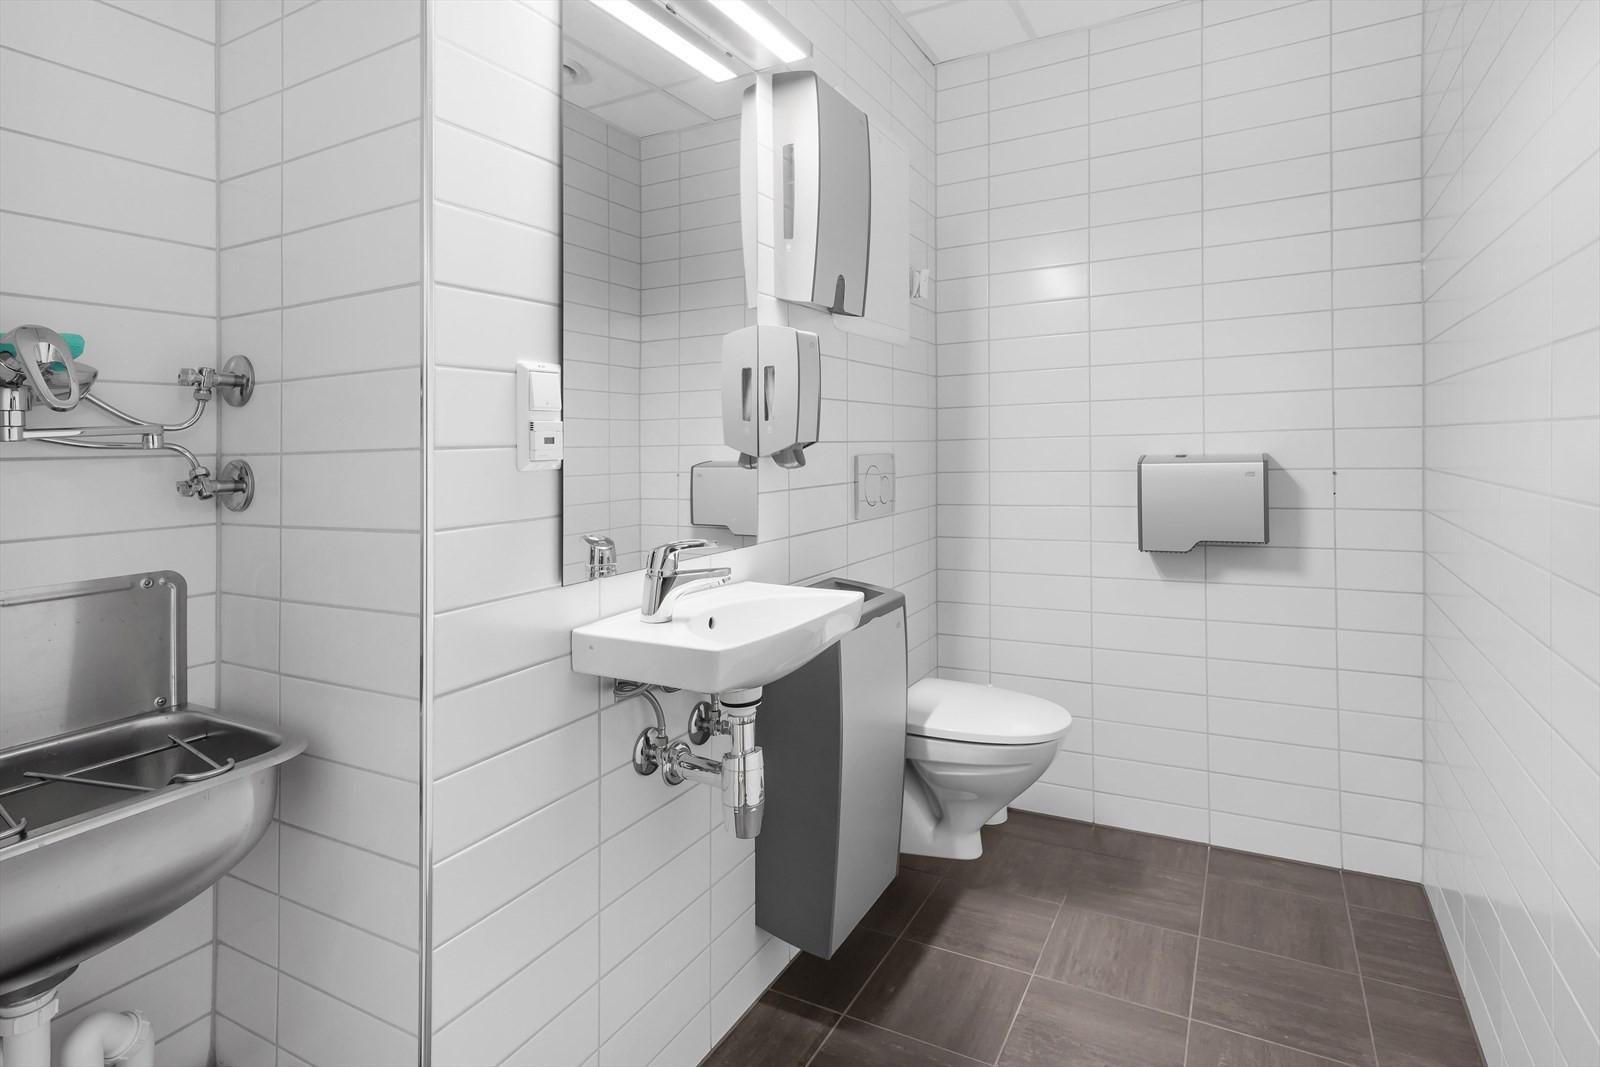 Toalett i arealet